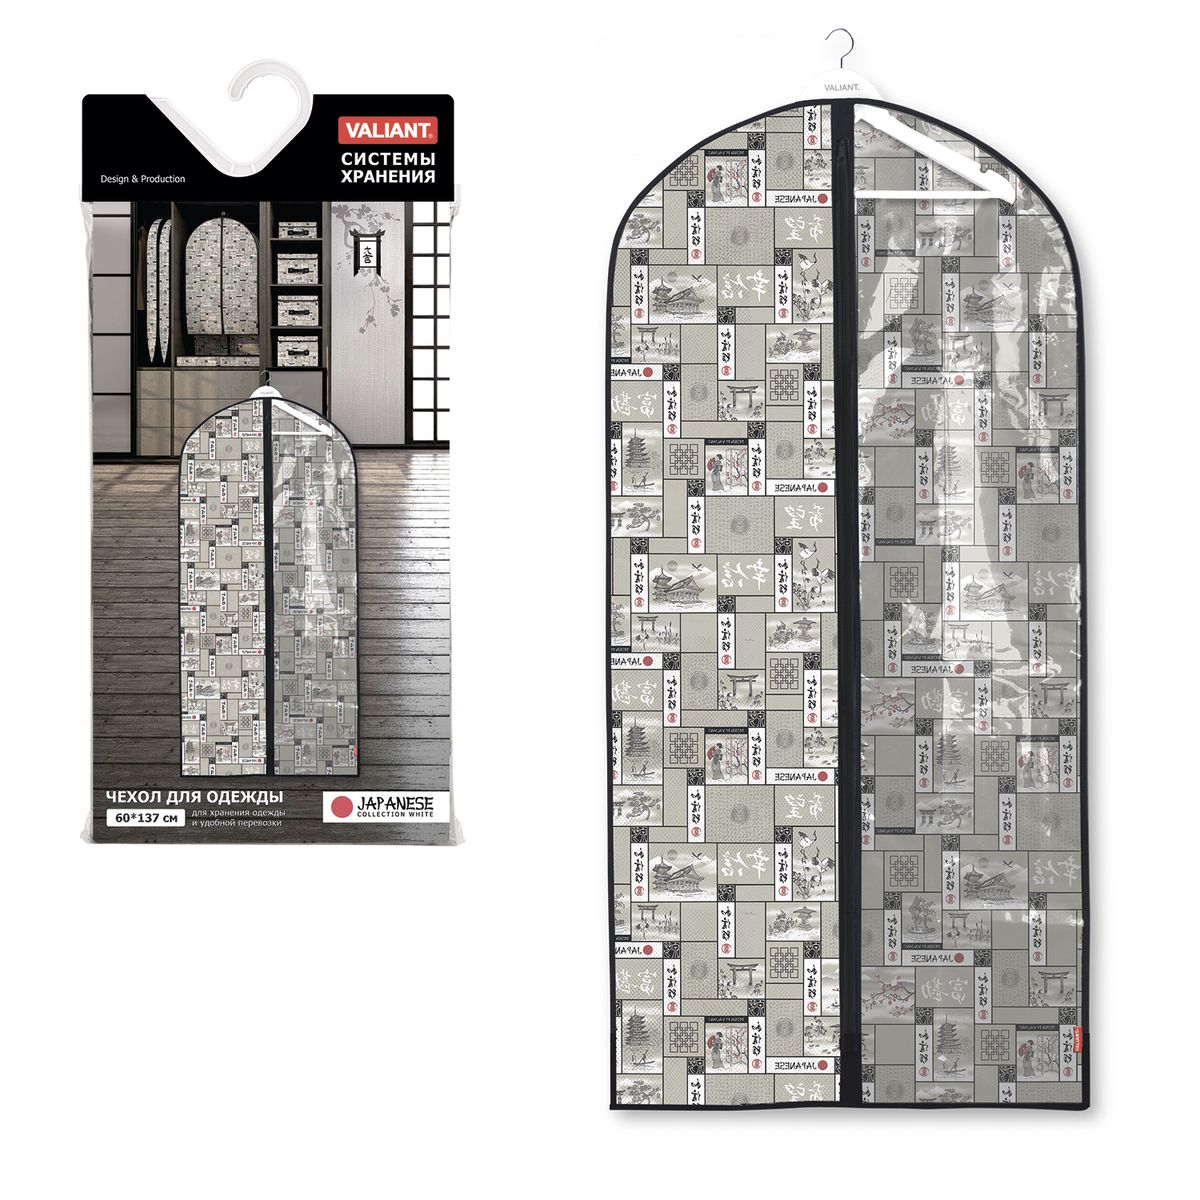 Чехол для одежды Valiant Japanese White, с прозрачной вставкой, 60 х 137 х 10 см1004900000360Удобный чехол для одежды Valiant Japanese White, выполненный из высококачественного нетканого материала, идеально подойдет для транспортировки и хранения одежды. Материал позволяет воздуху свободно проникать внутрь, не пропуская пыль. Такой чехол защитит одежду от повреждений, пыли, моли, влаги и загрязнений во время хранения и транспортировки. Специальная прозрачная вставка позволяет видеть содержимое чехла, не открывая его.